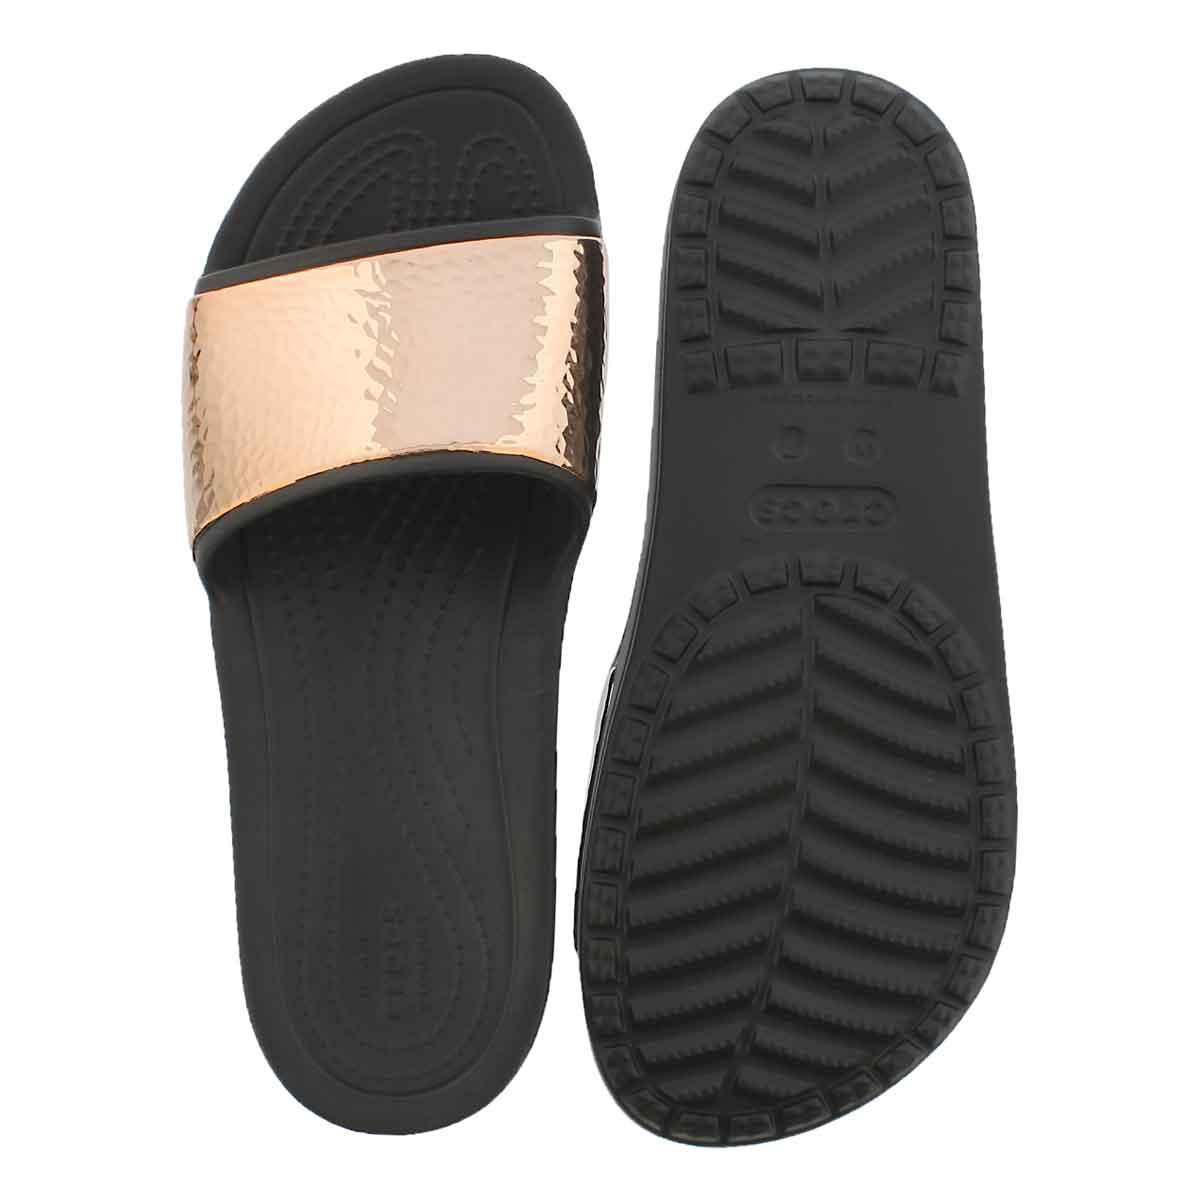 Lds Sloane Hammered blk/rse gld sandal